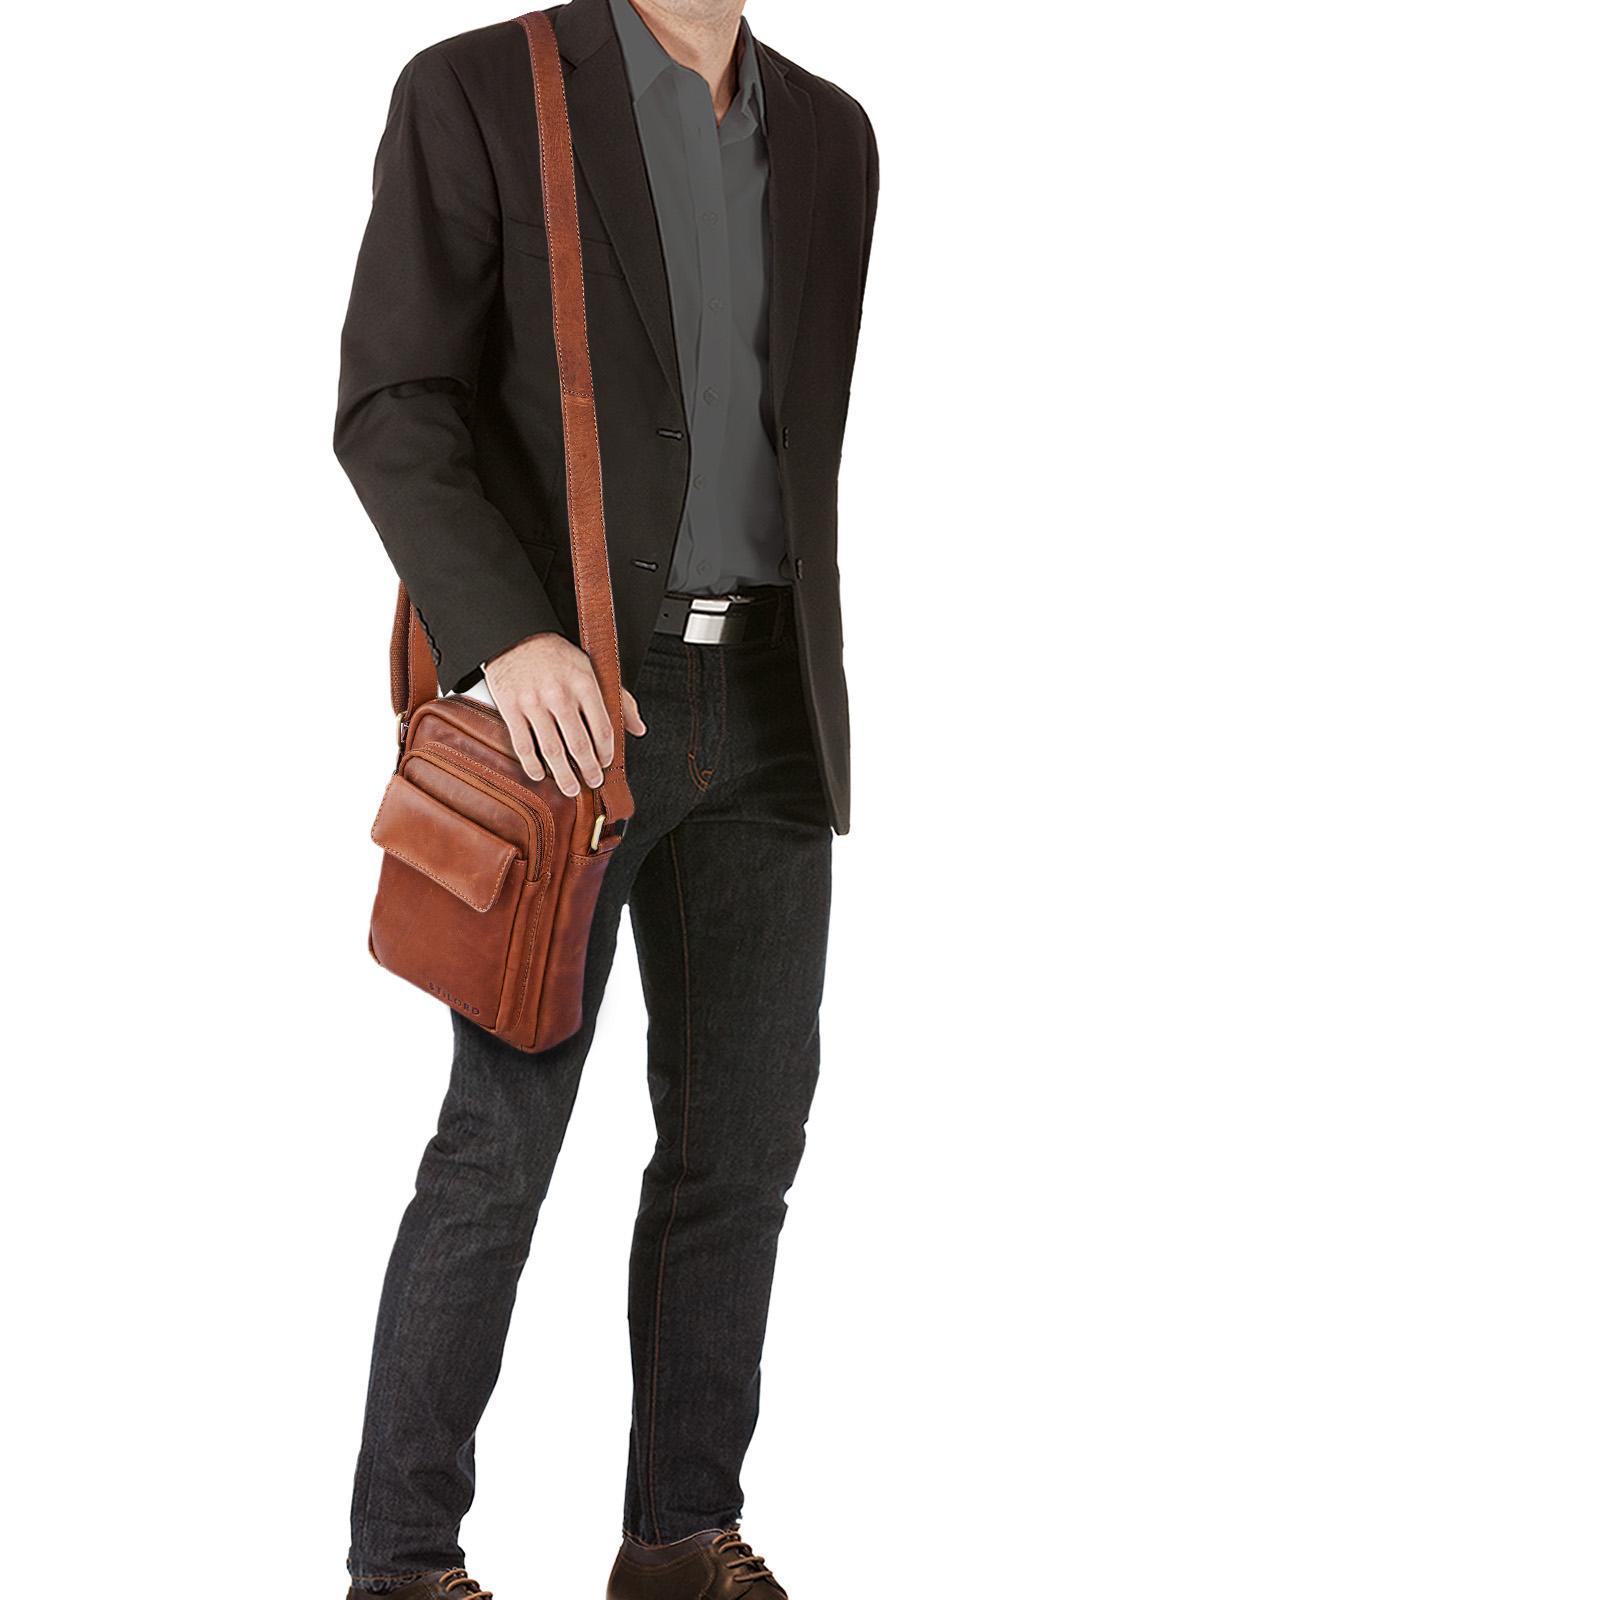 """STILORD """"Jannis"""" Leder Umhängetasche Männer klein Vintage Messenger Bag Herren-Tasche Tablettasche für 9.7 Zoll iPad Schultertasche aus echtem Leder - Bild 3"""